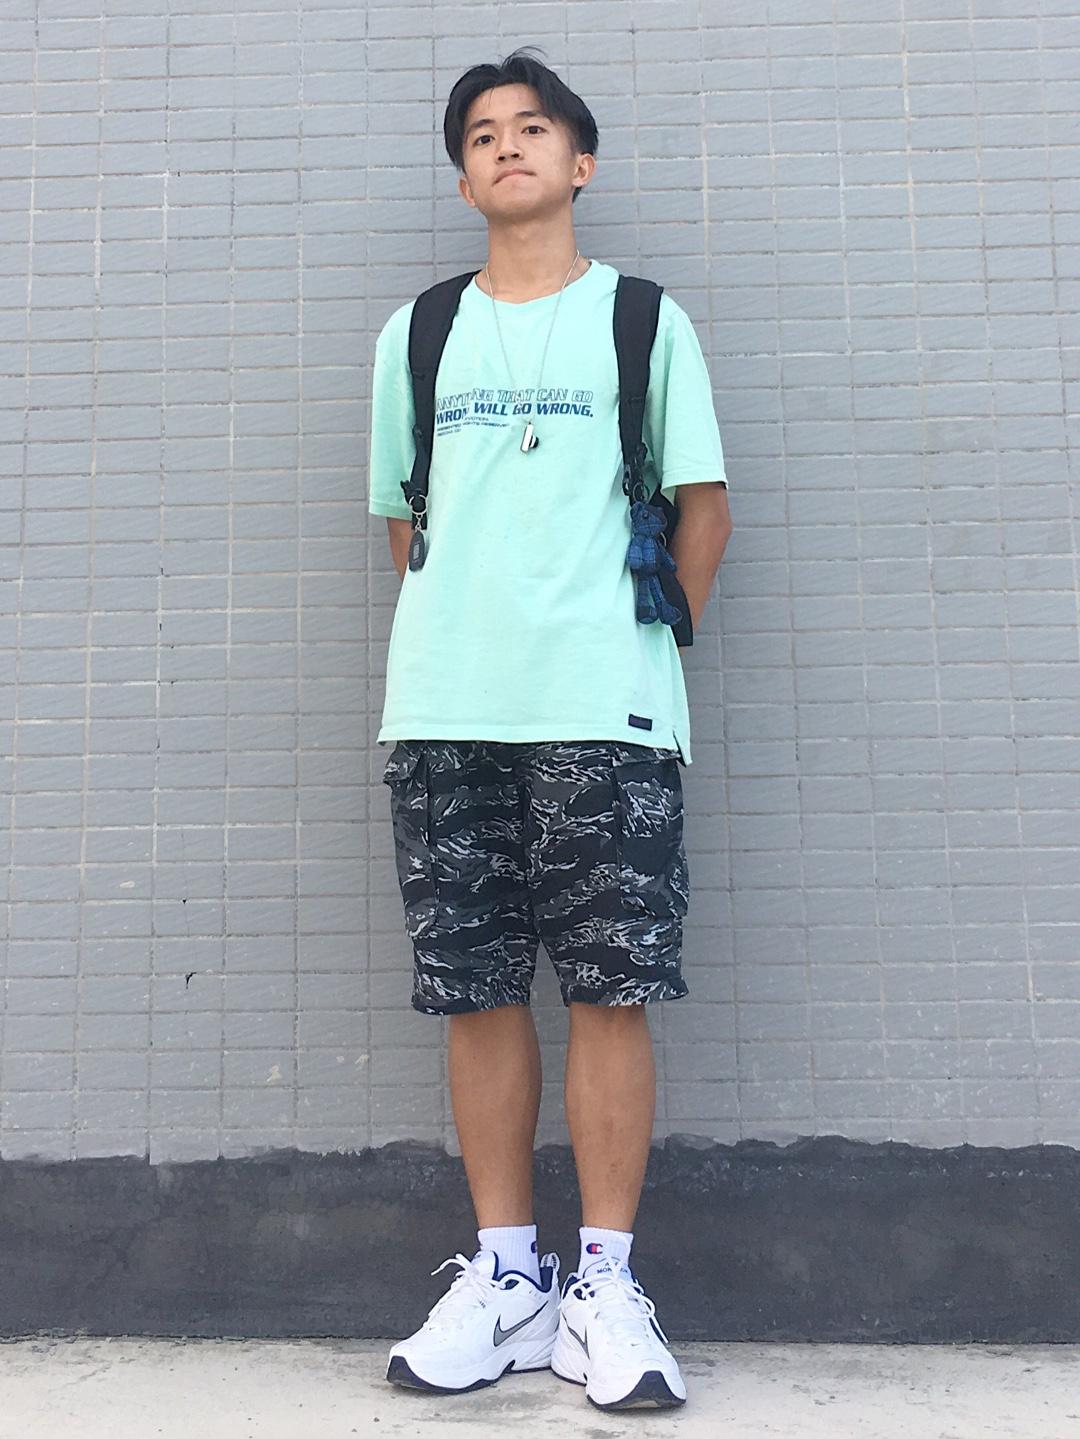 小z的日常穿搭分享 👔:薄荷绿简约印花t桖 👖:黑色迷彩五分短裤 👟:nike air monarch四代白蓝配色 一组休闲的街头风全身穿搭一look,薄荷绿短袖非常适合夏天,出街的亮眼性很高,和黑色迷彩五分短裤搭配起来非常合适,鞋子的选择是nike老爹鞋,白蓝配色很完美,上脚舒适度也很高#夏日霸屏T恤就买这几件!#